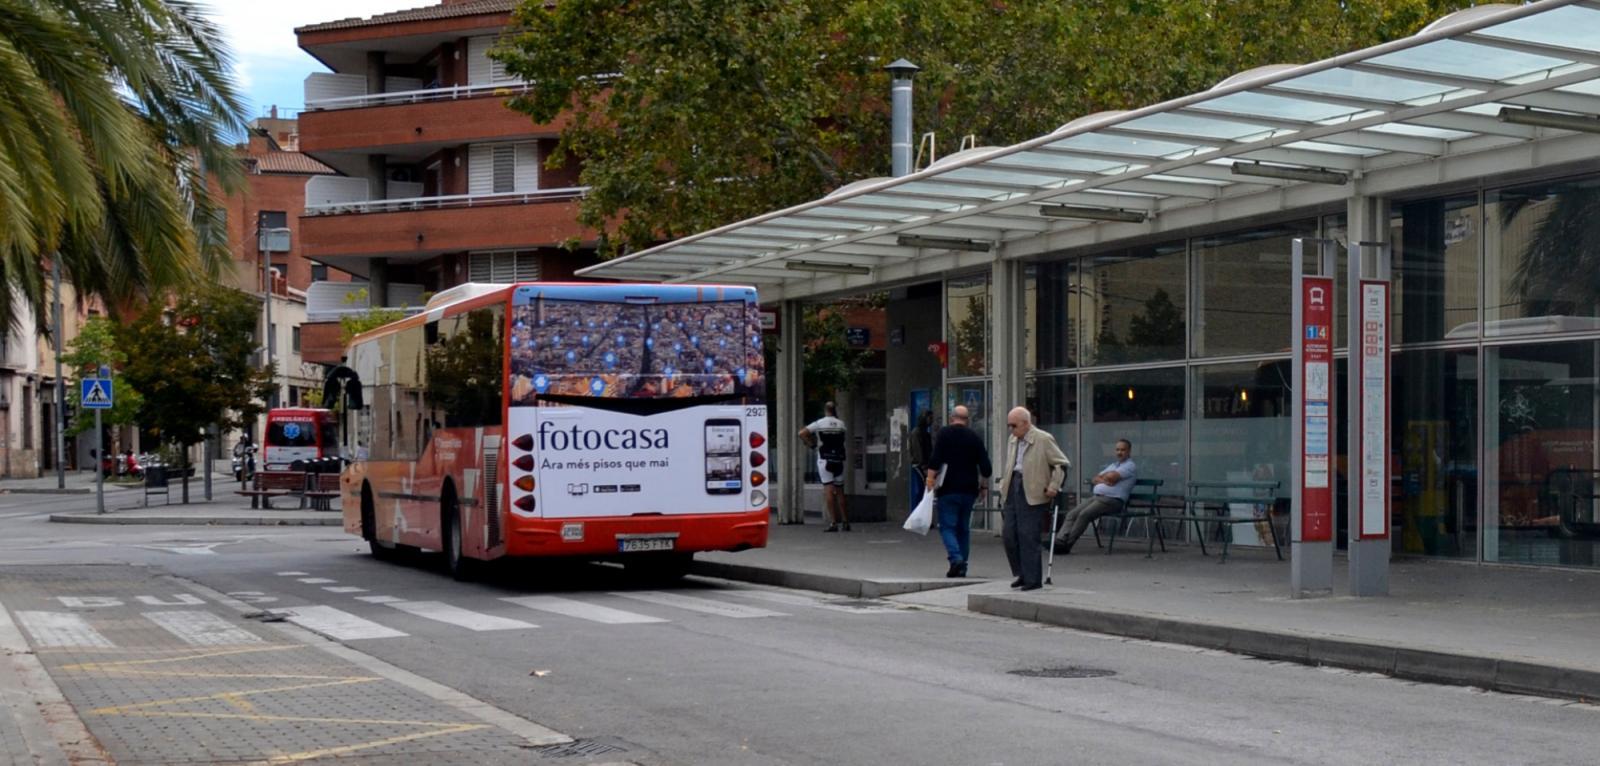 L'explotació del servei d'autobusos continua sent una pedra a la sabata de l'equip de govern